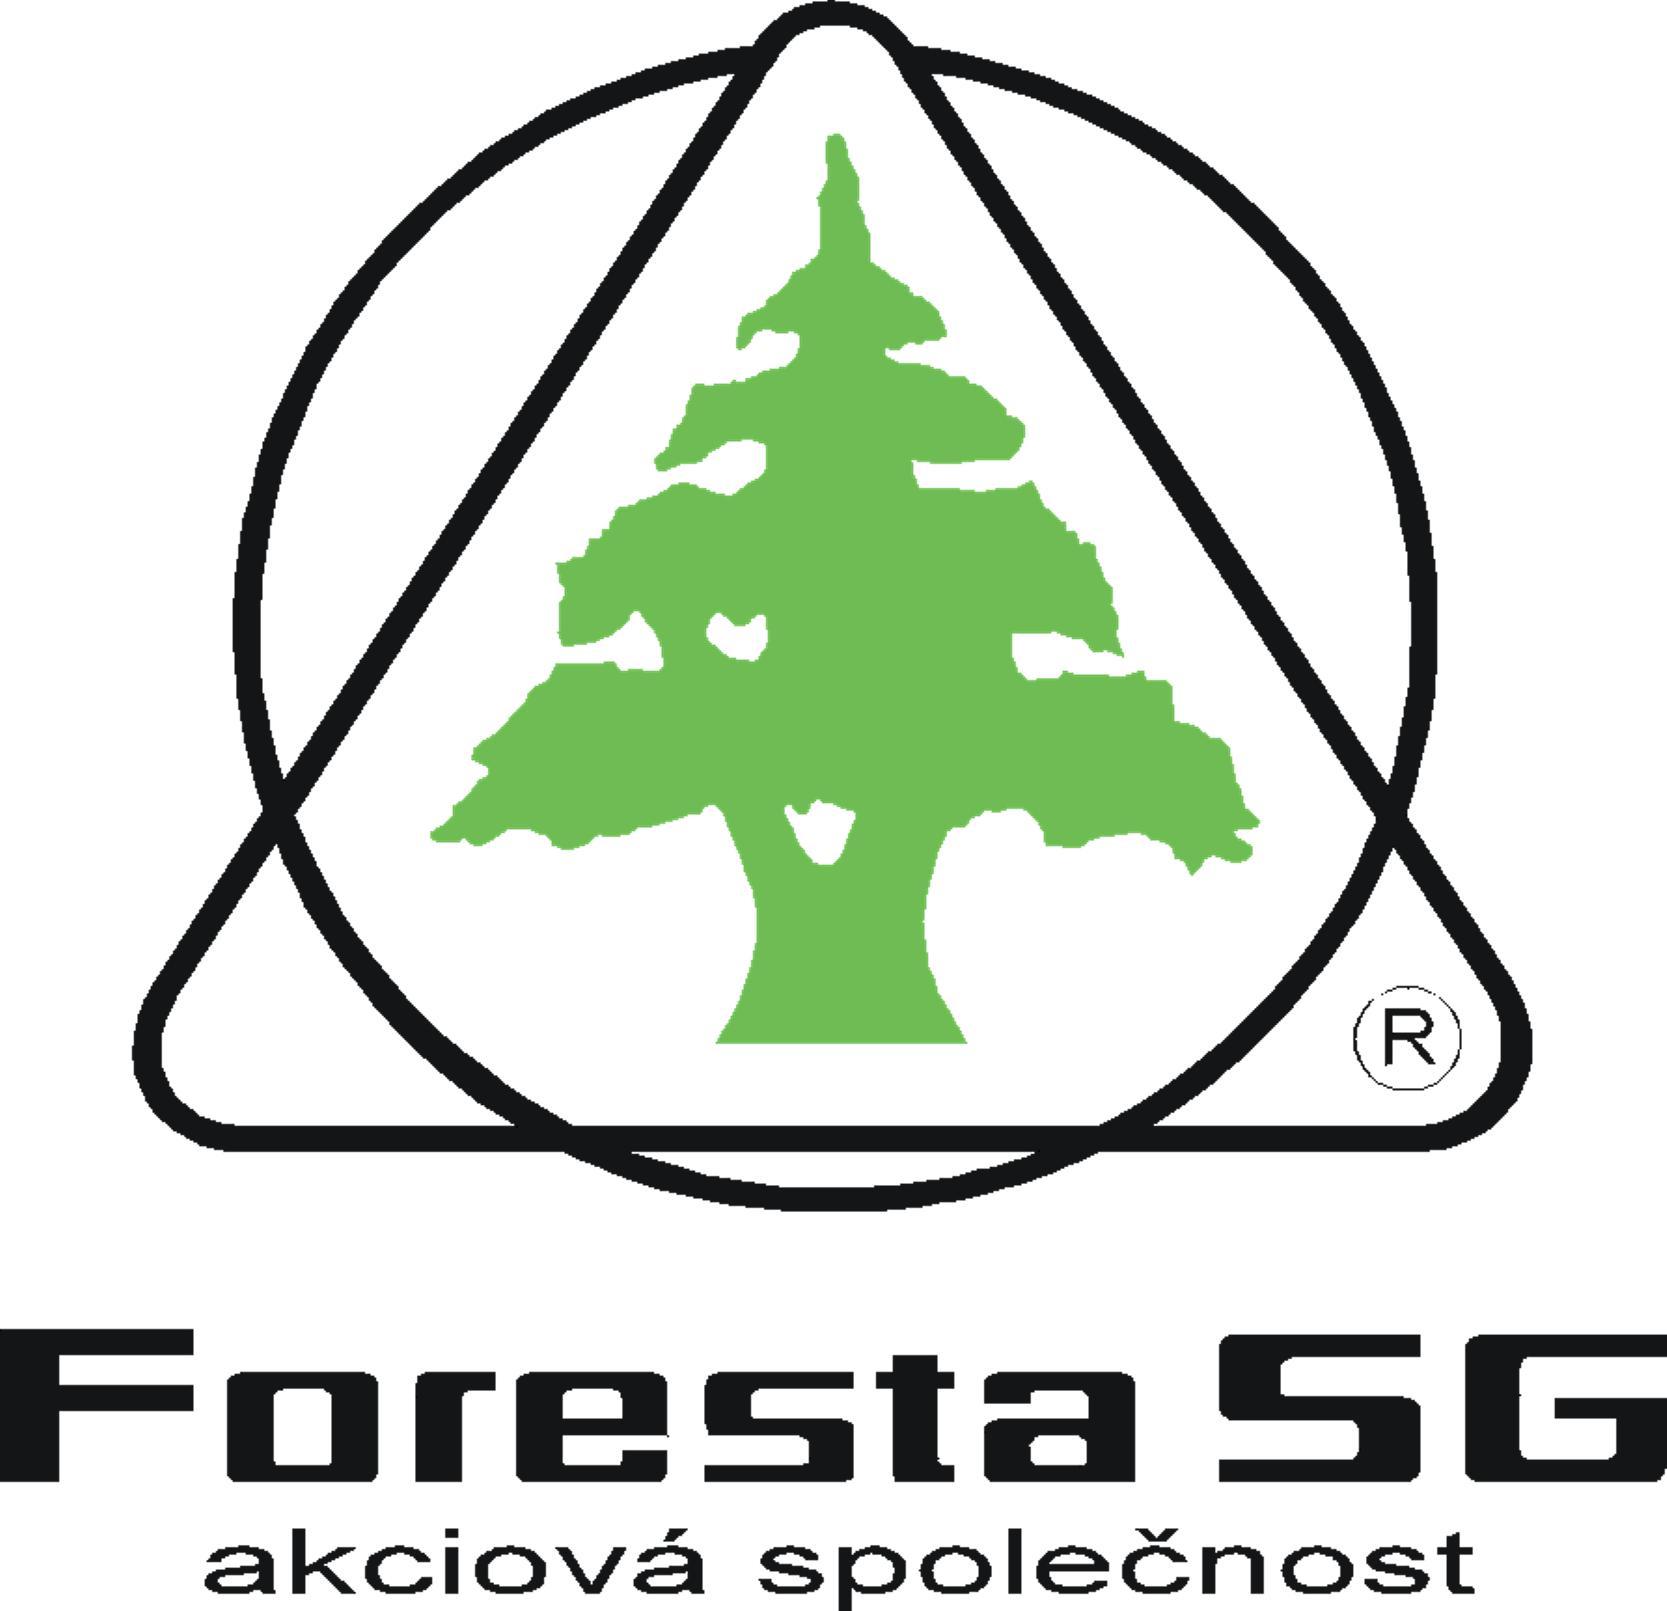 Vyřízení dotací pro fyzické i právnické osoby na lesnictví - lesní technika, cesty, školky, ...